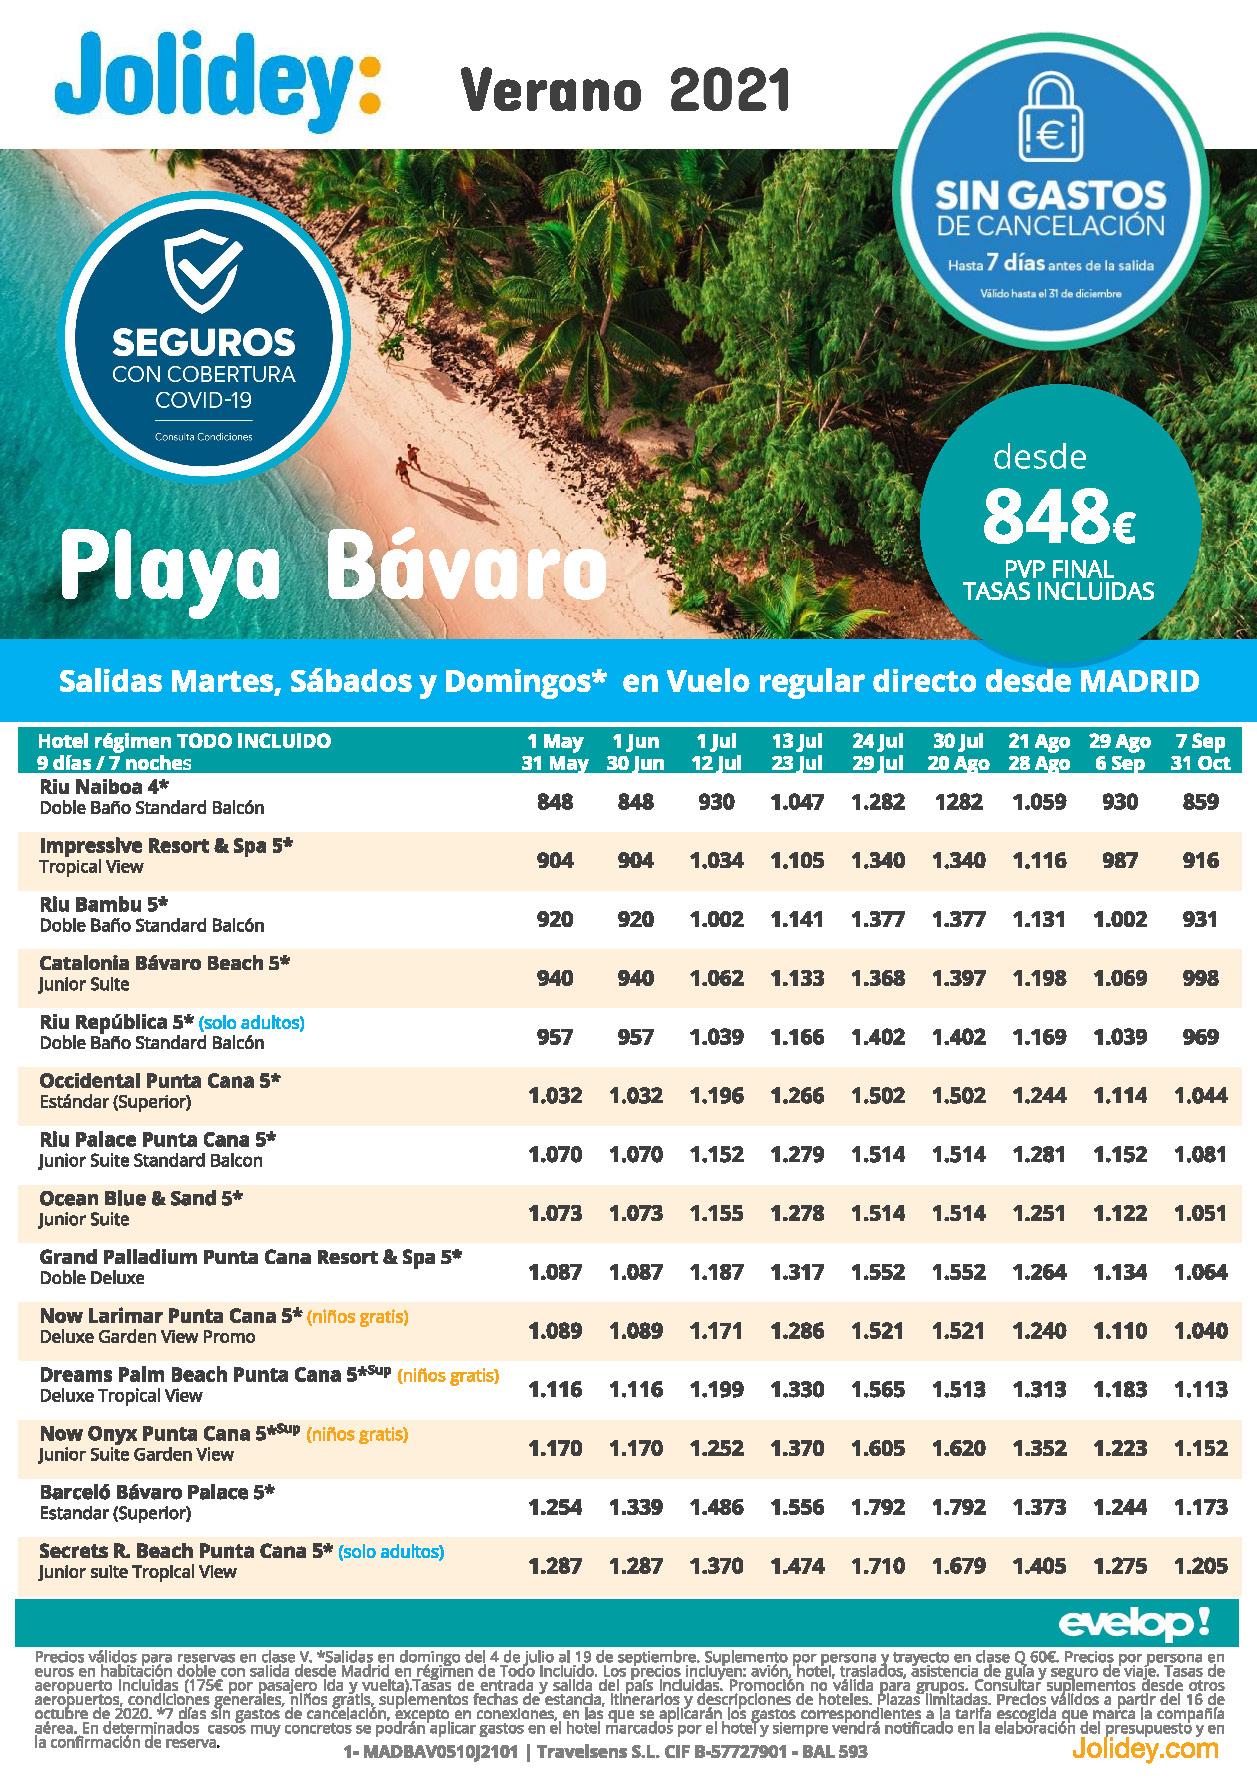 Oferta Jolidey Republica Dominicana Playa Bavaro Verano 2021 vuelo directo desde Madrid